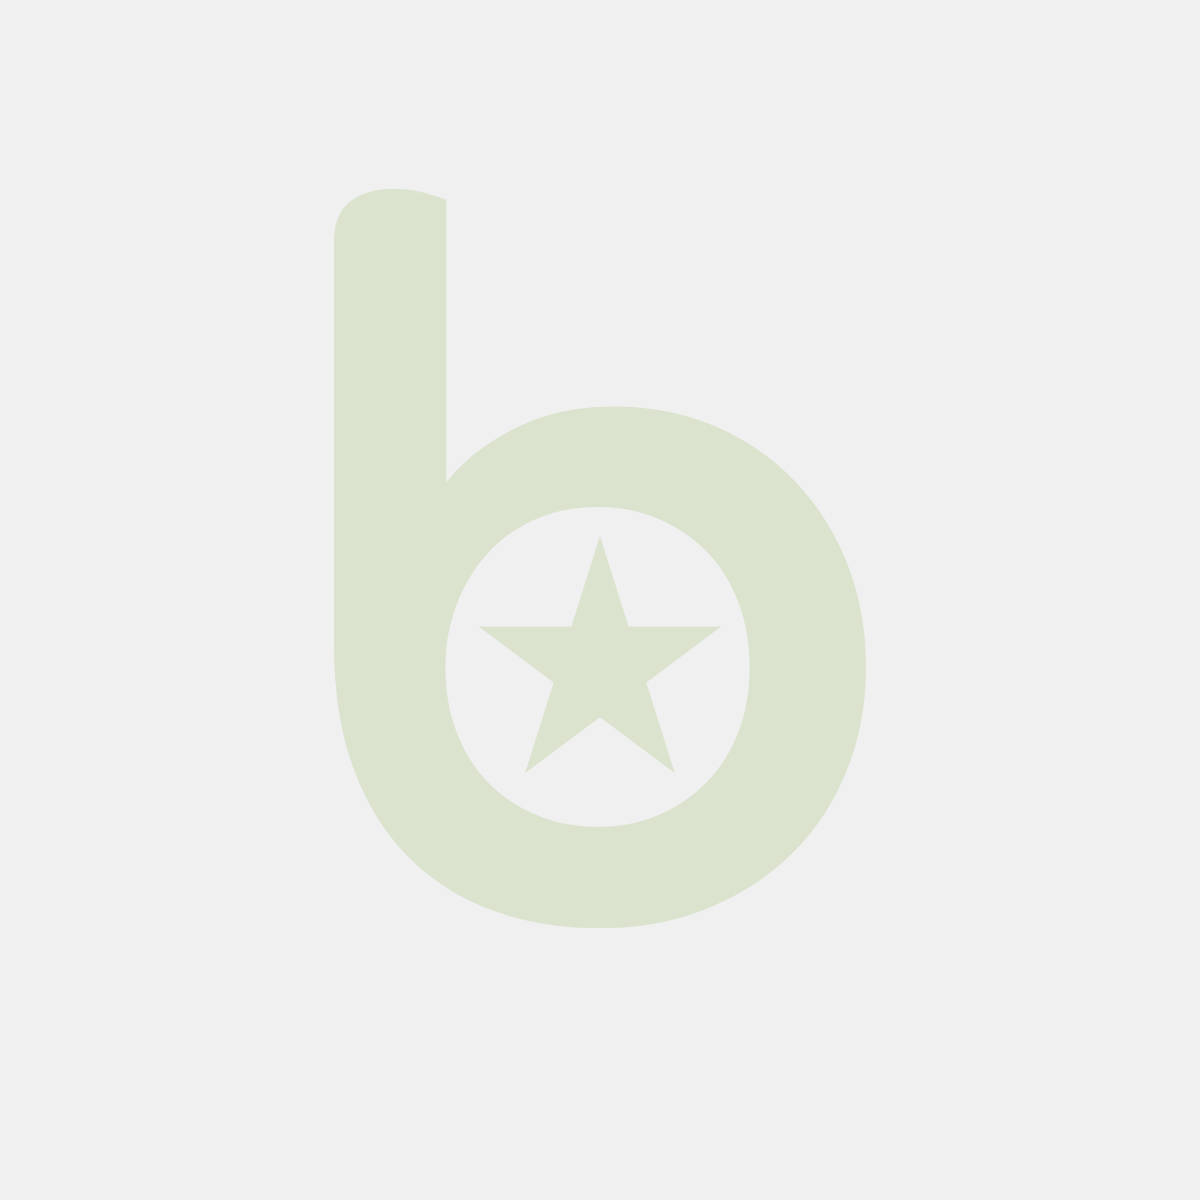 PAPSTAR PURE - naczynia i sztućce ekologiczne